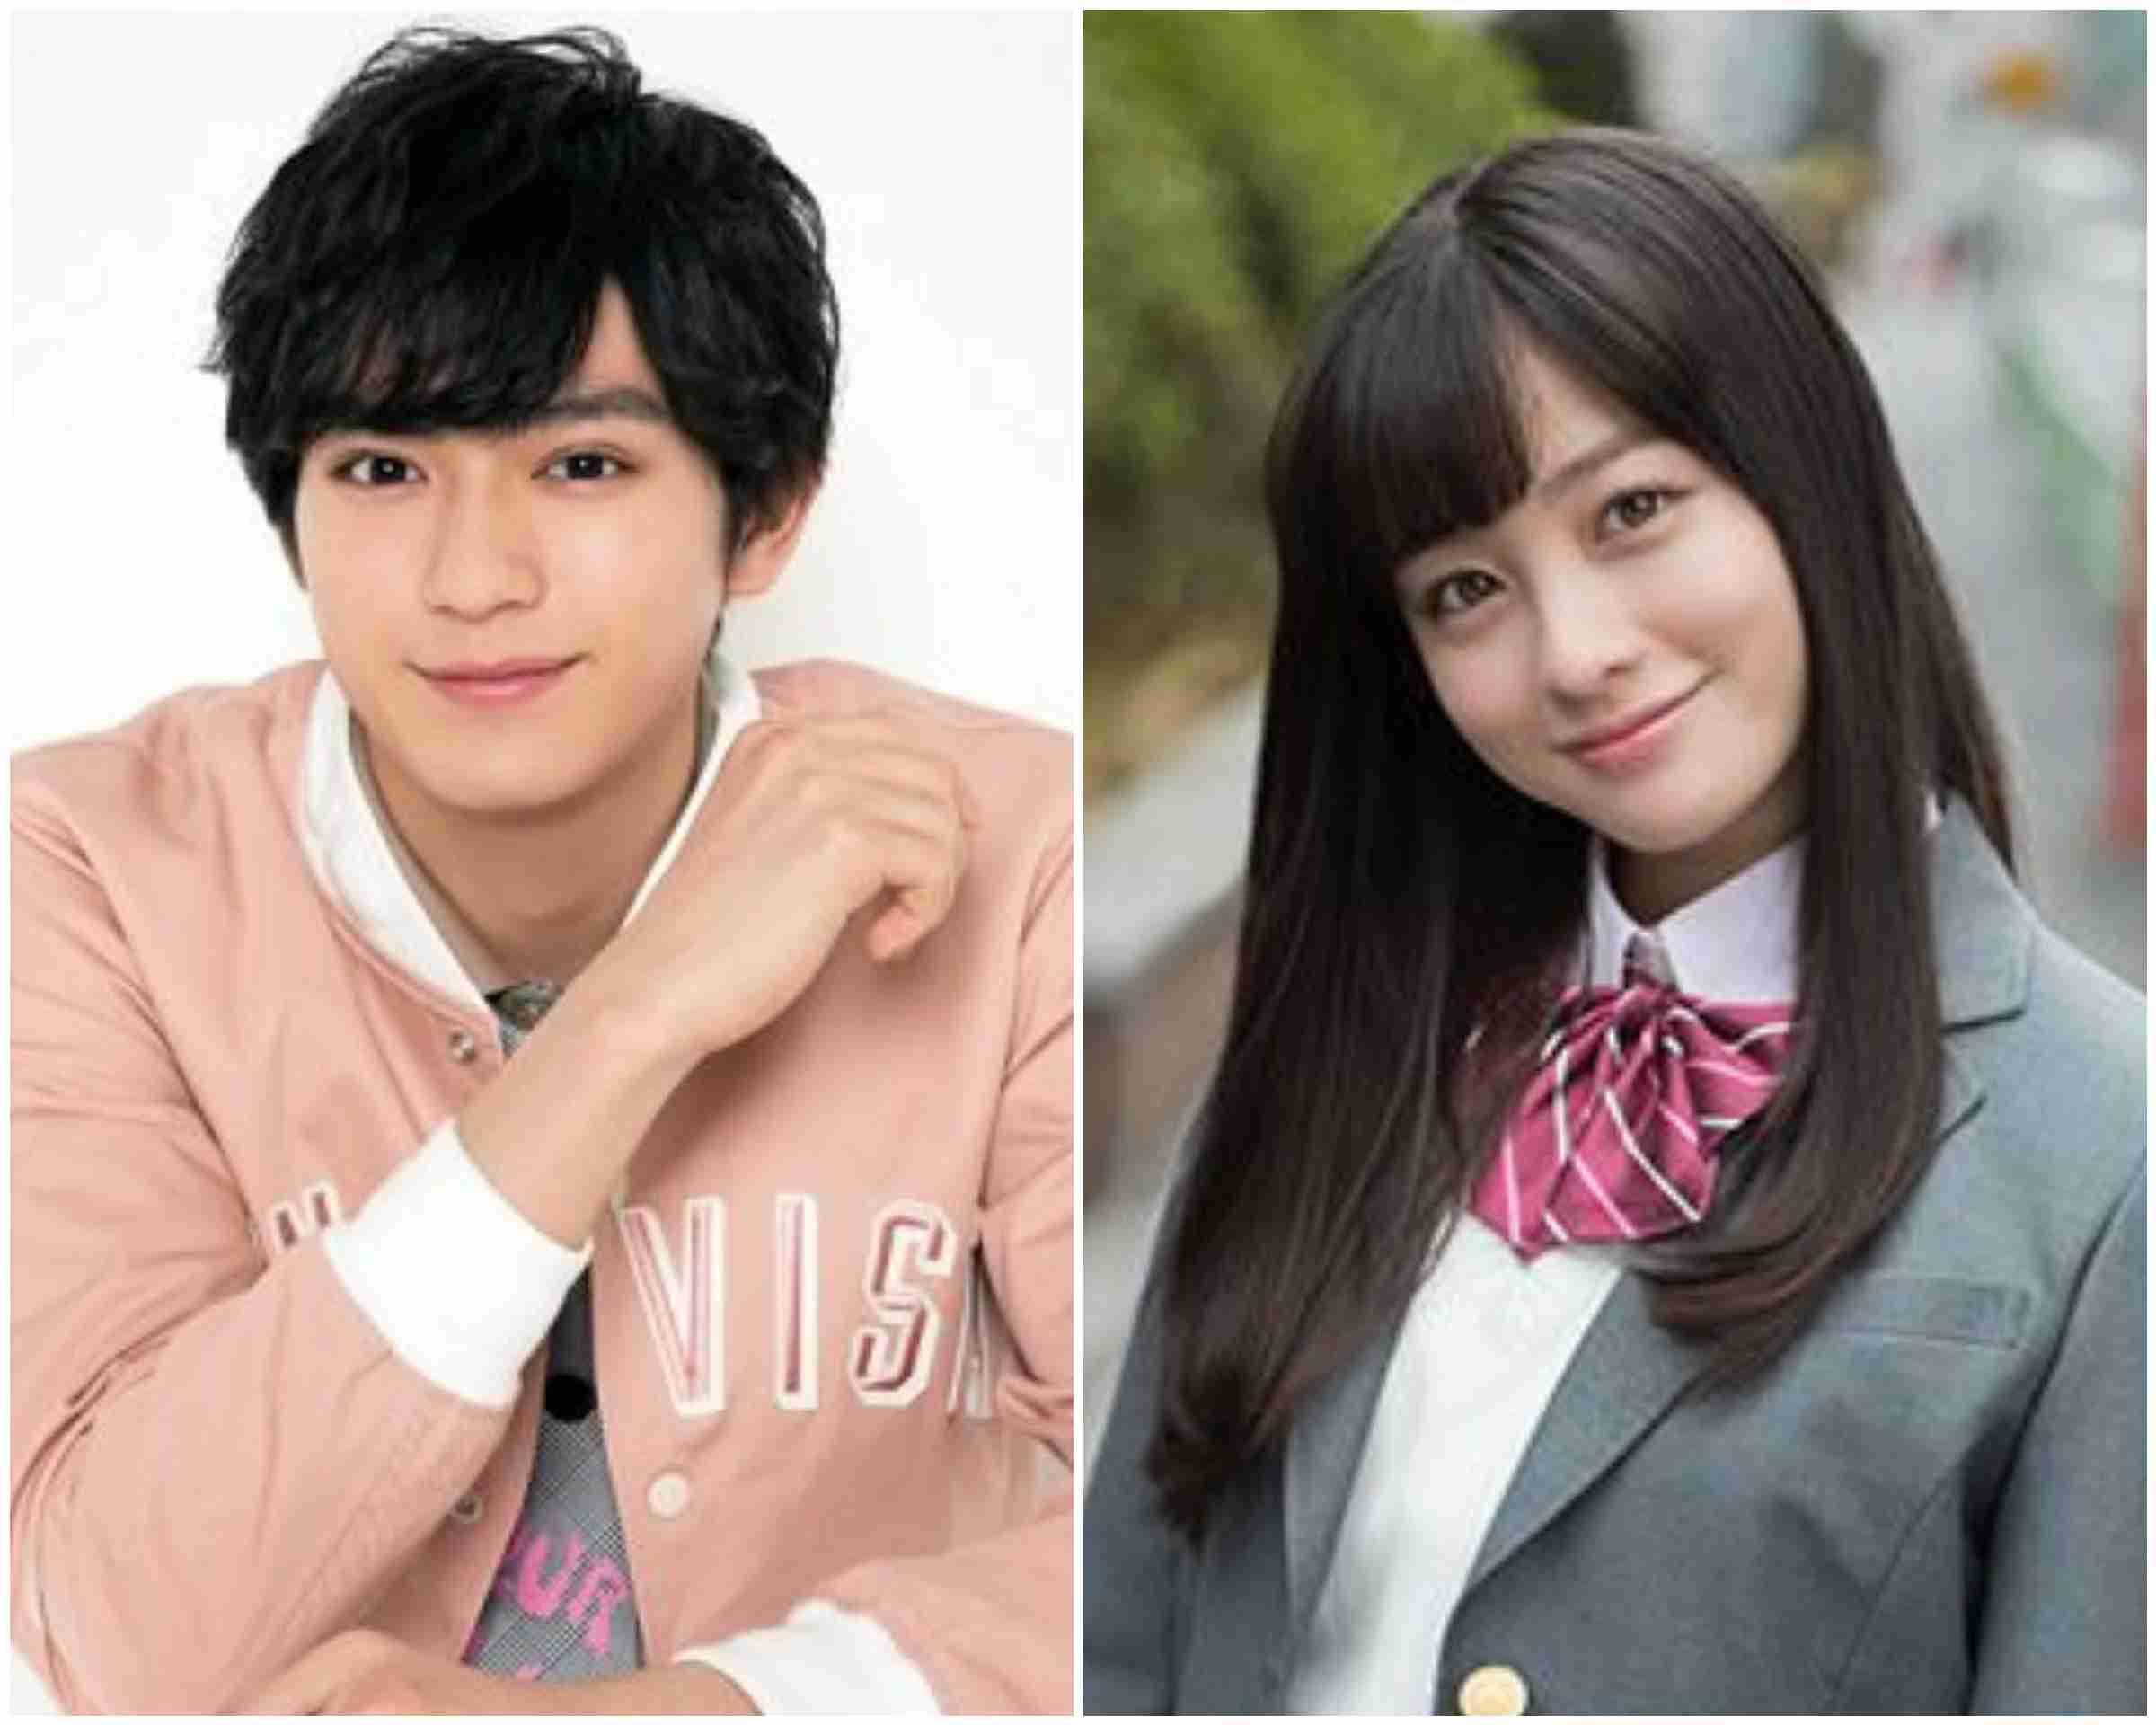 この女優さんと俳優さんの恋愛ドラマが見たい!